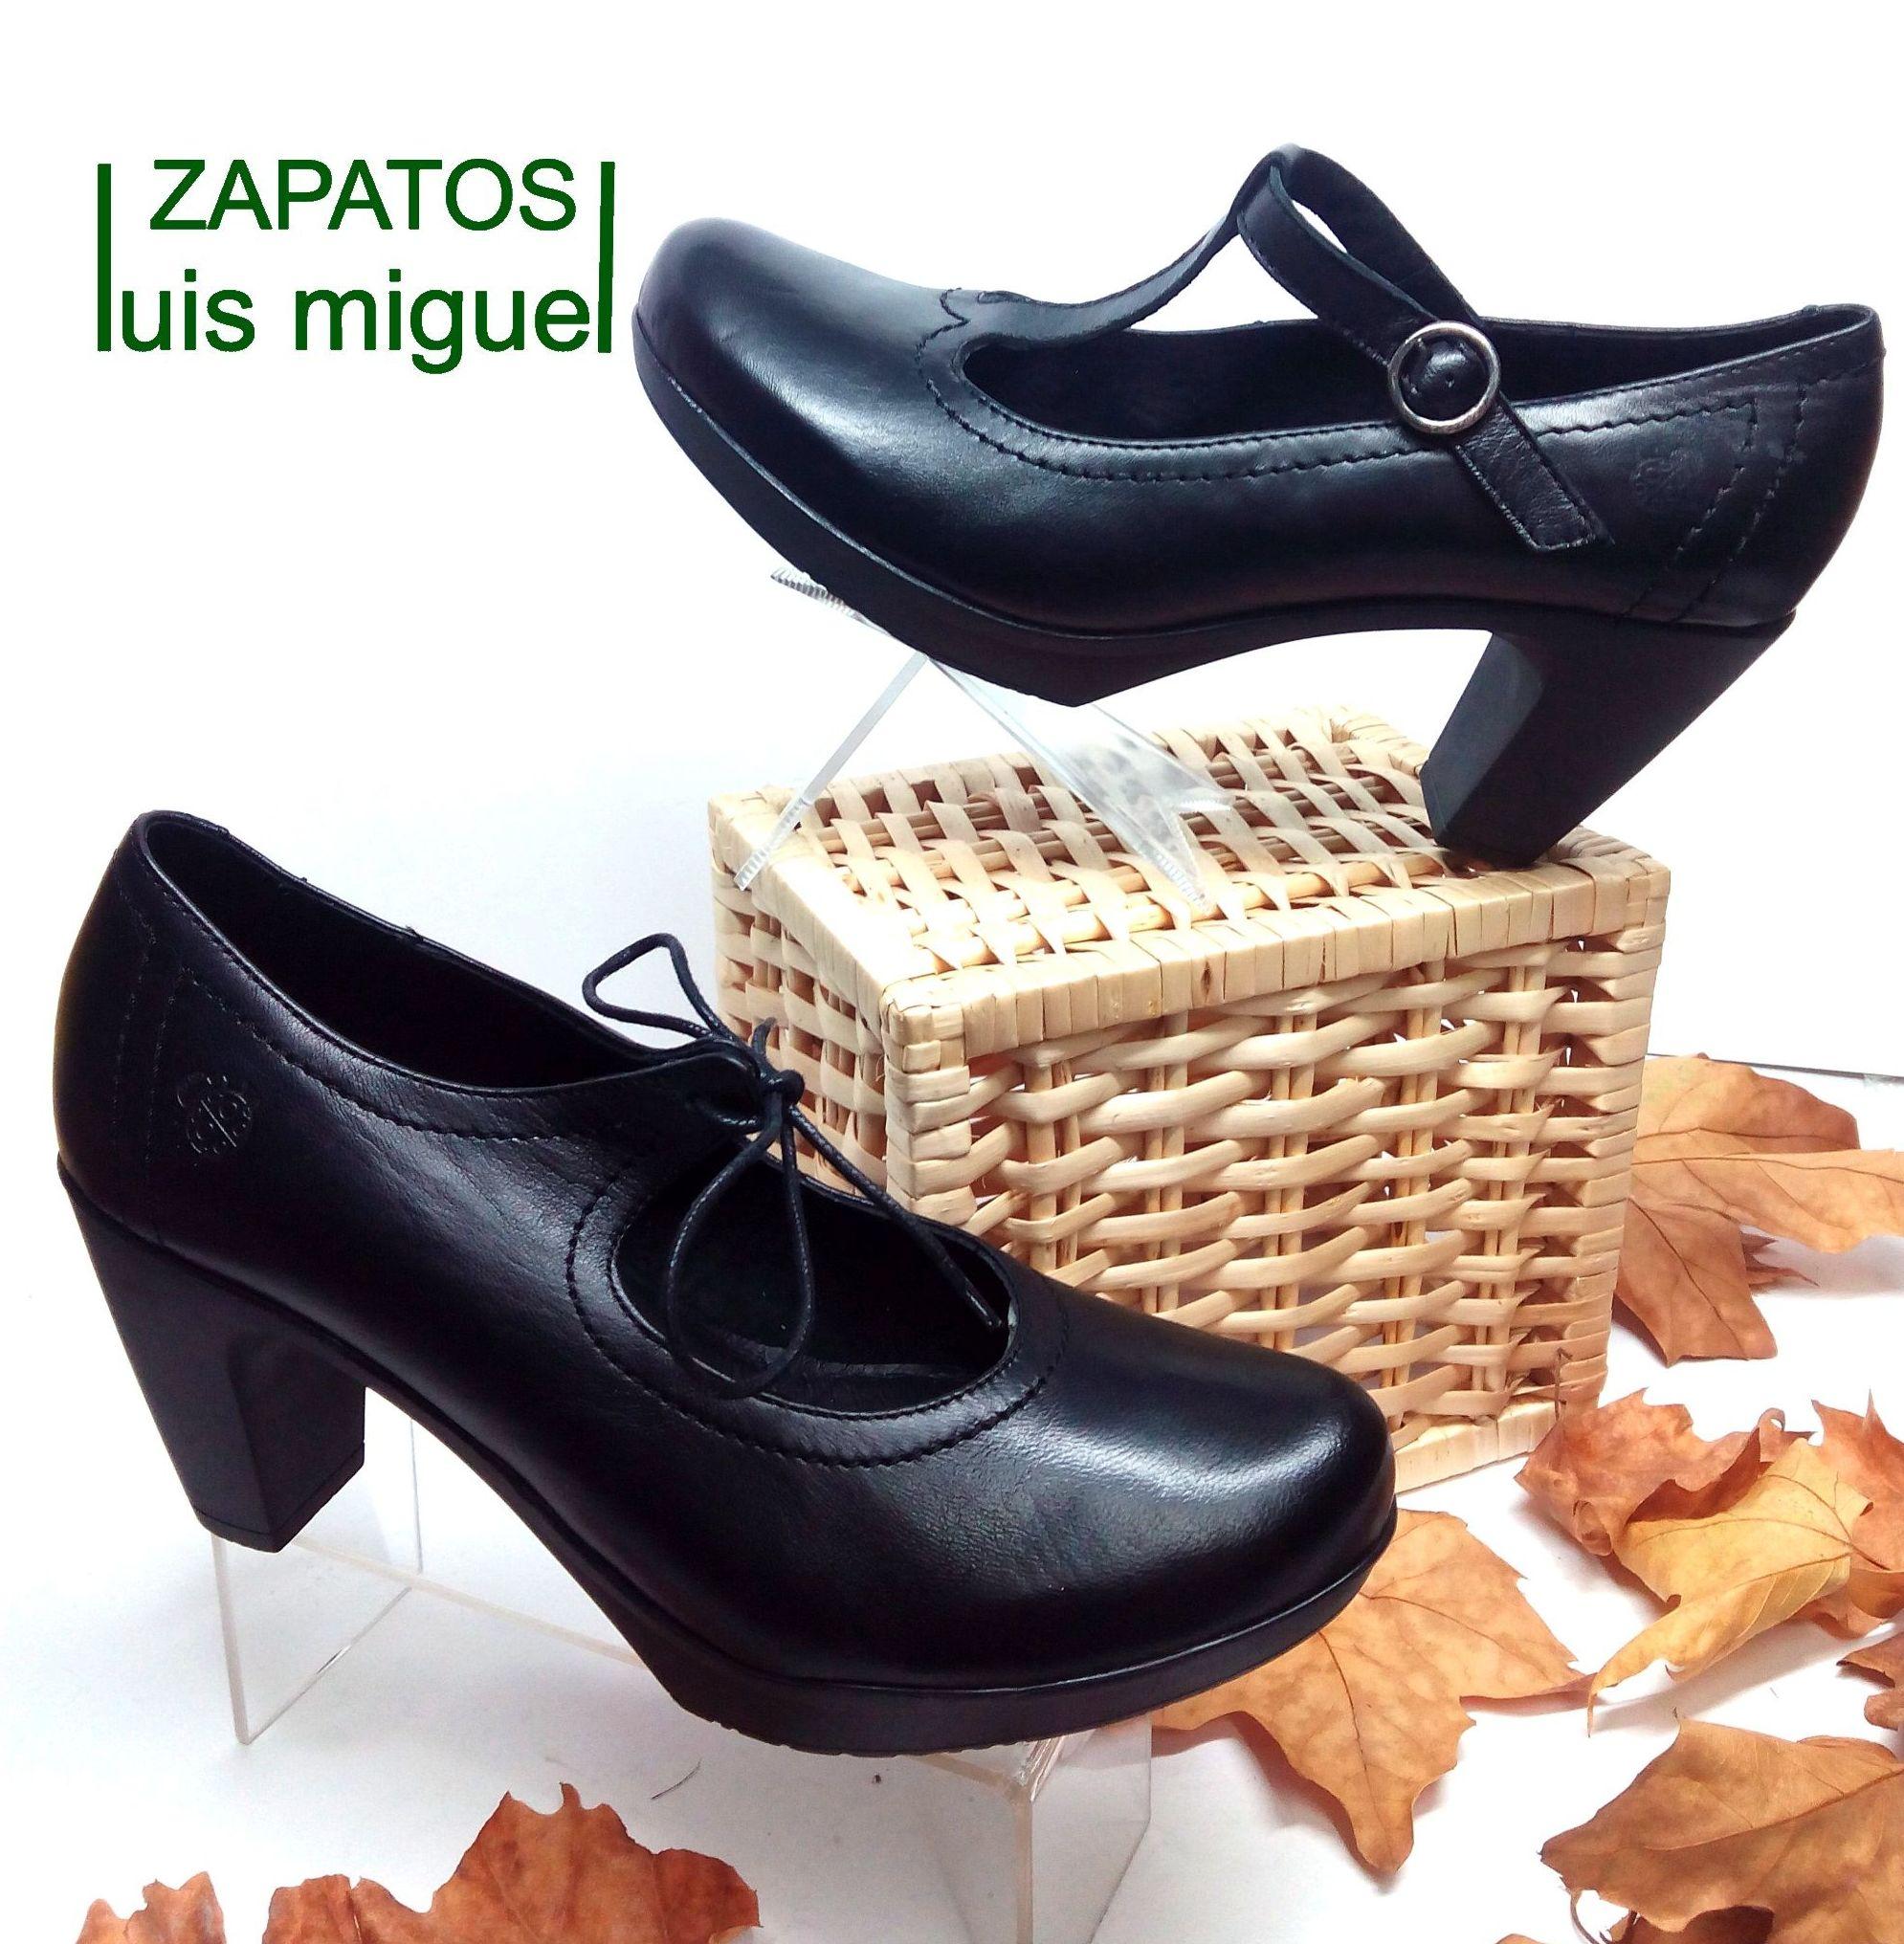 zapato de vestir tacon alto: Catalogo de productos de Zapatos Luis Miguel